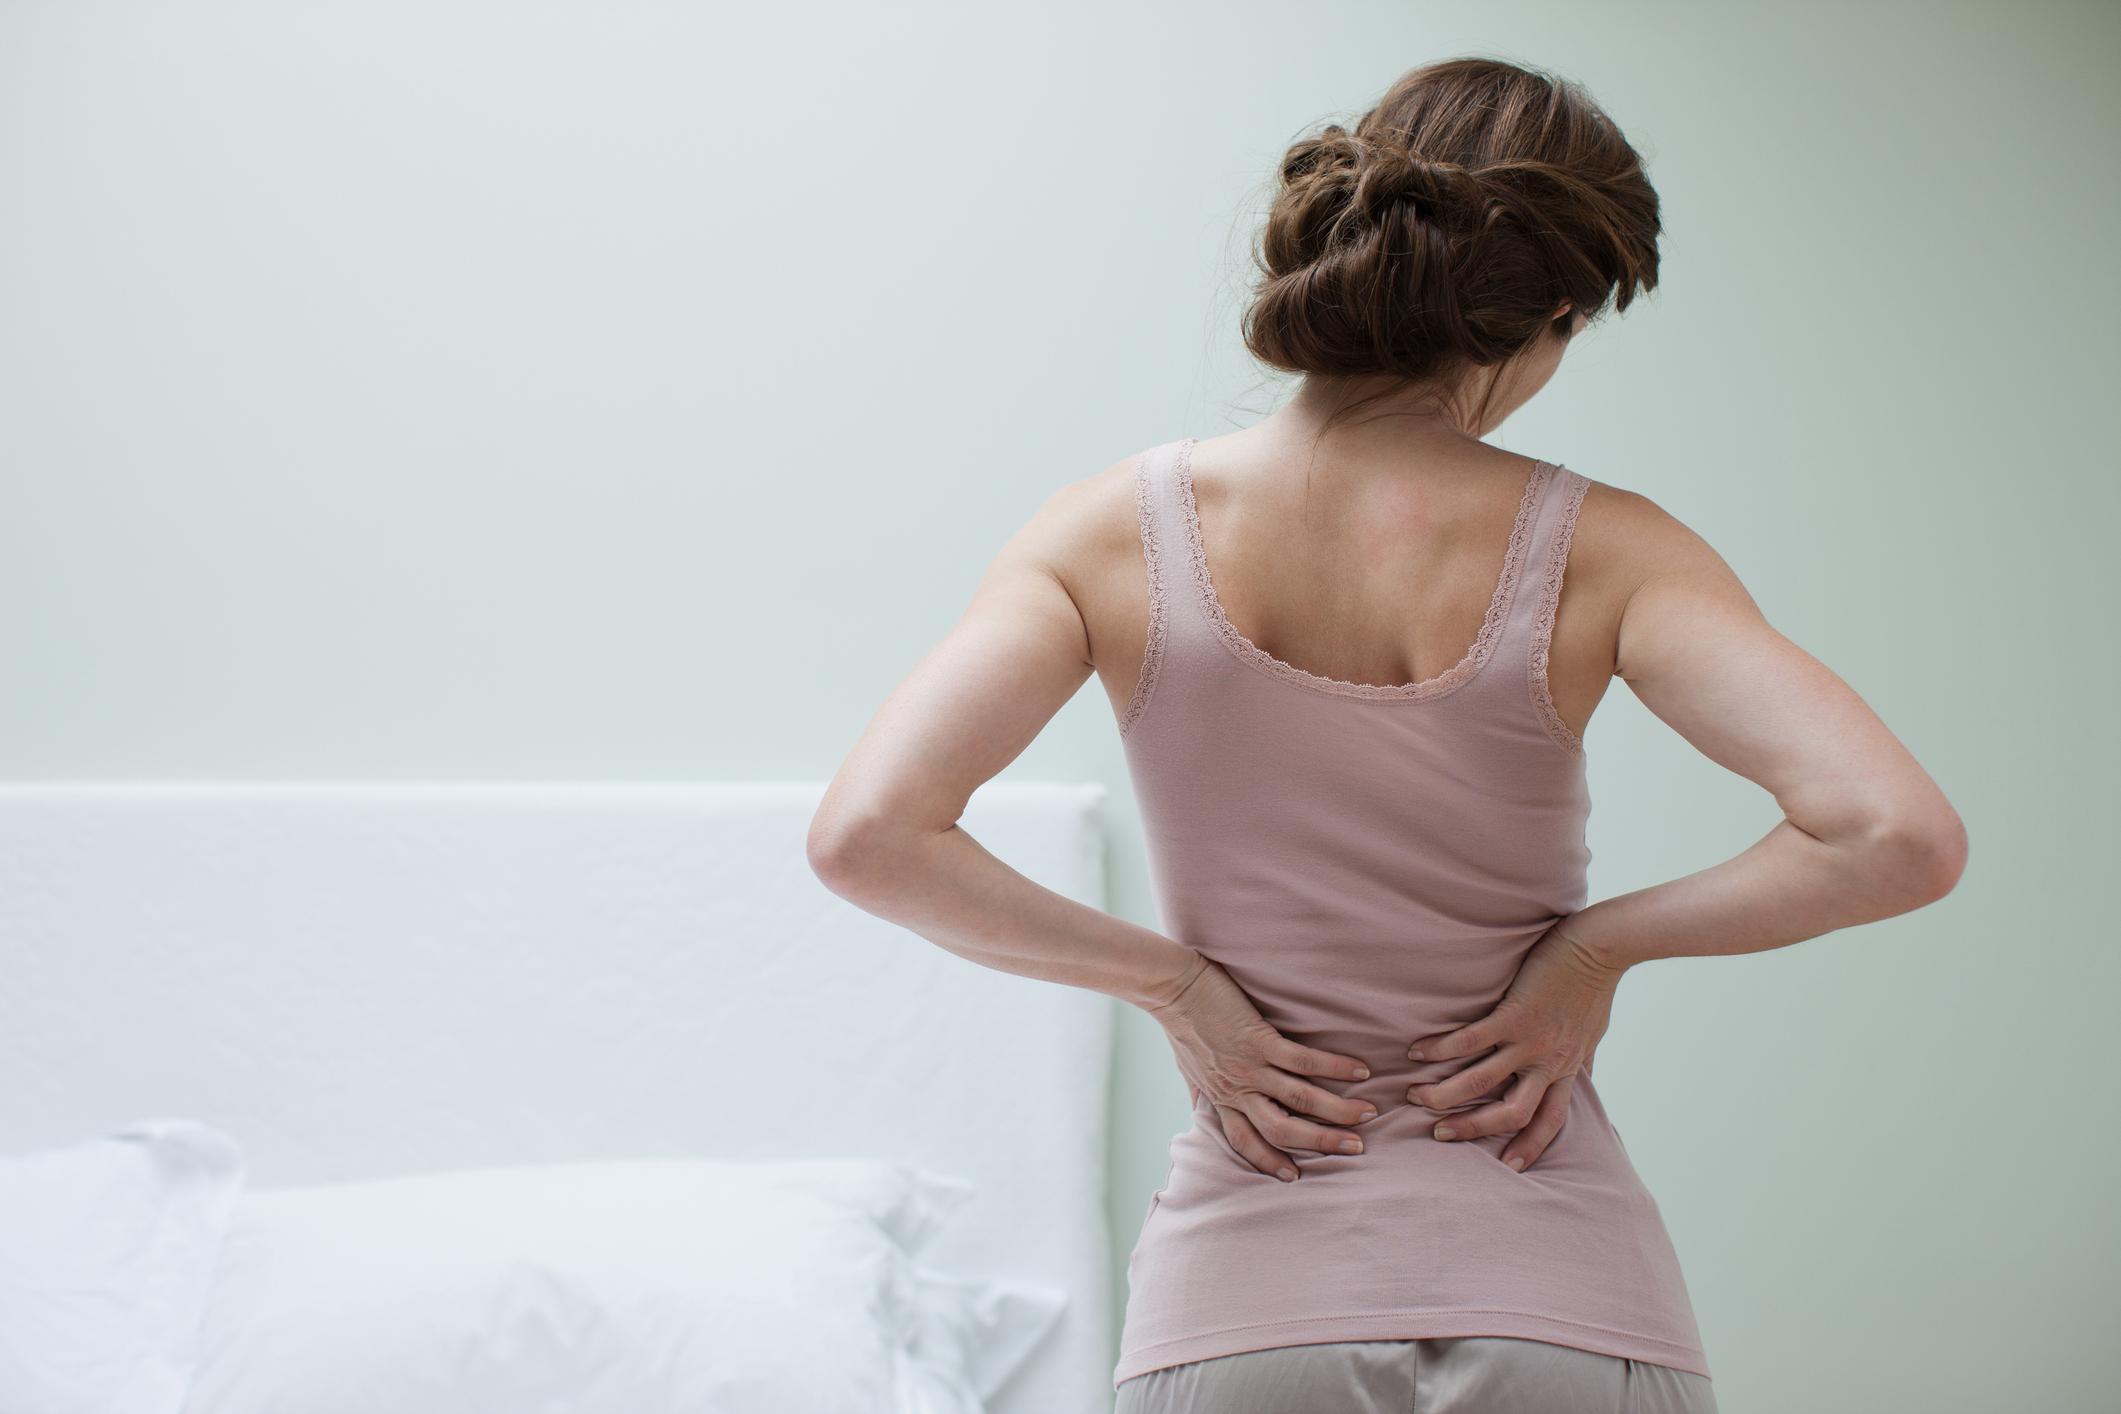 fájdalomcsillapító kenőcs ízületi fájdalmak kezelésére súlyos ízületi fájdalom véraláfutás után